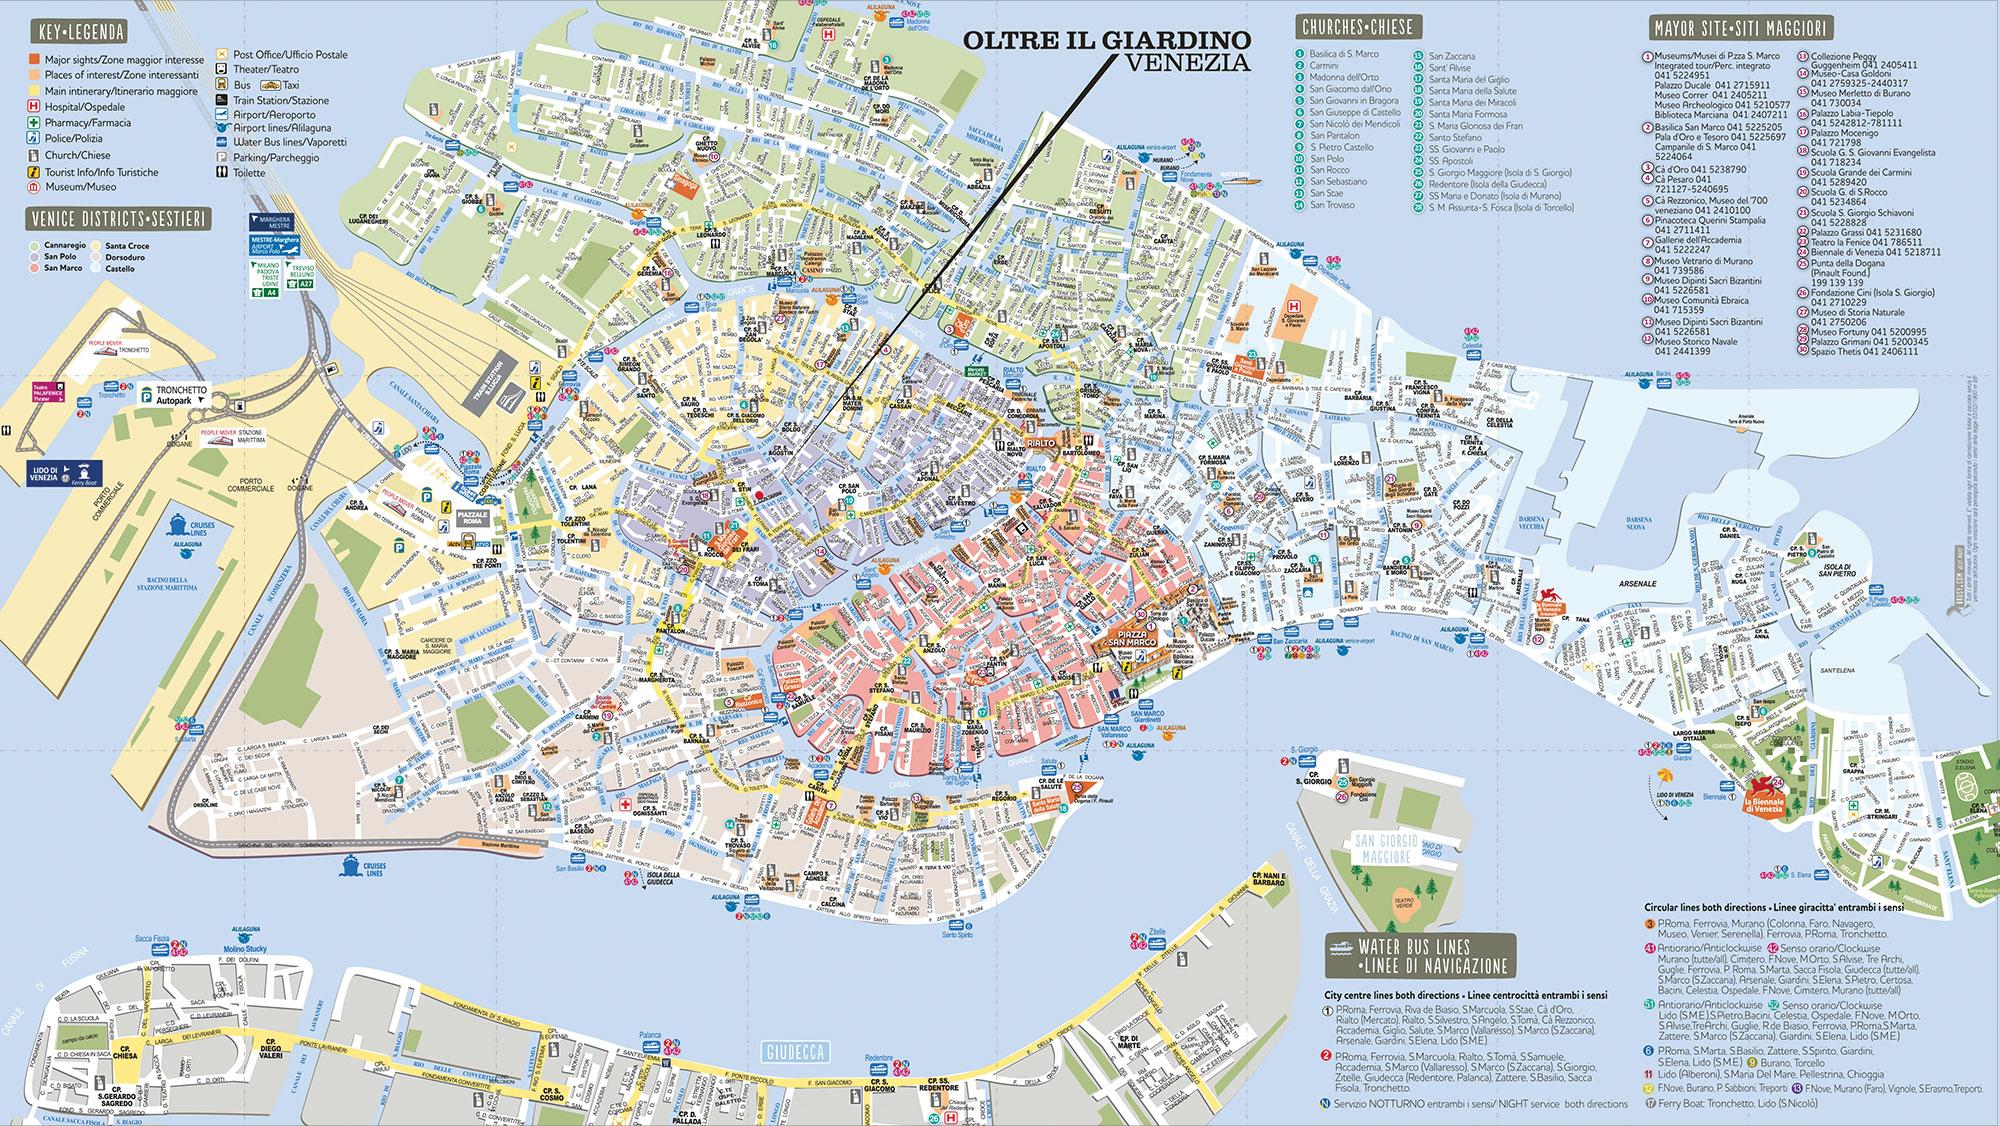 Oltre il giardino mappa brusy personalizzata mappa di venezia - Oltre il giardino venezia ...